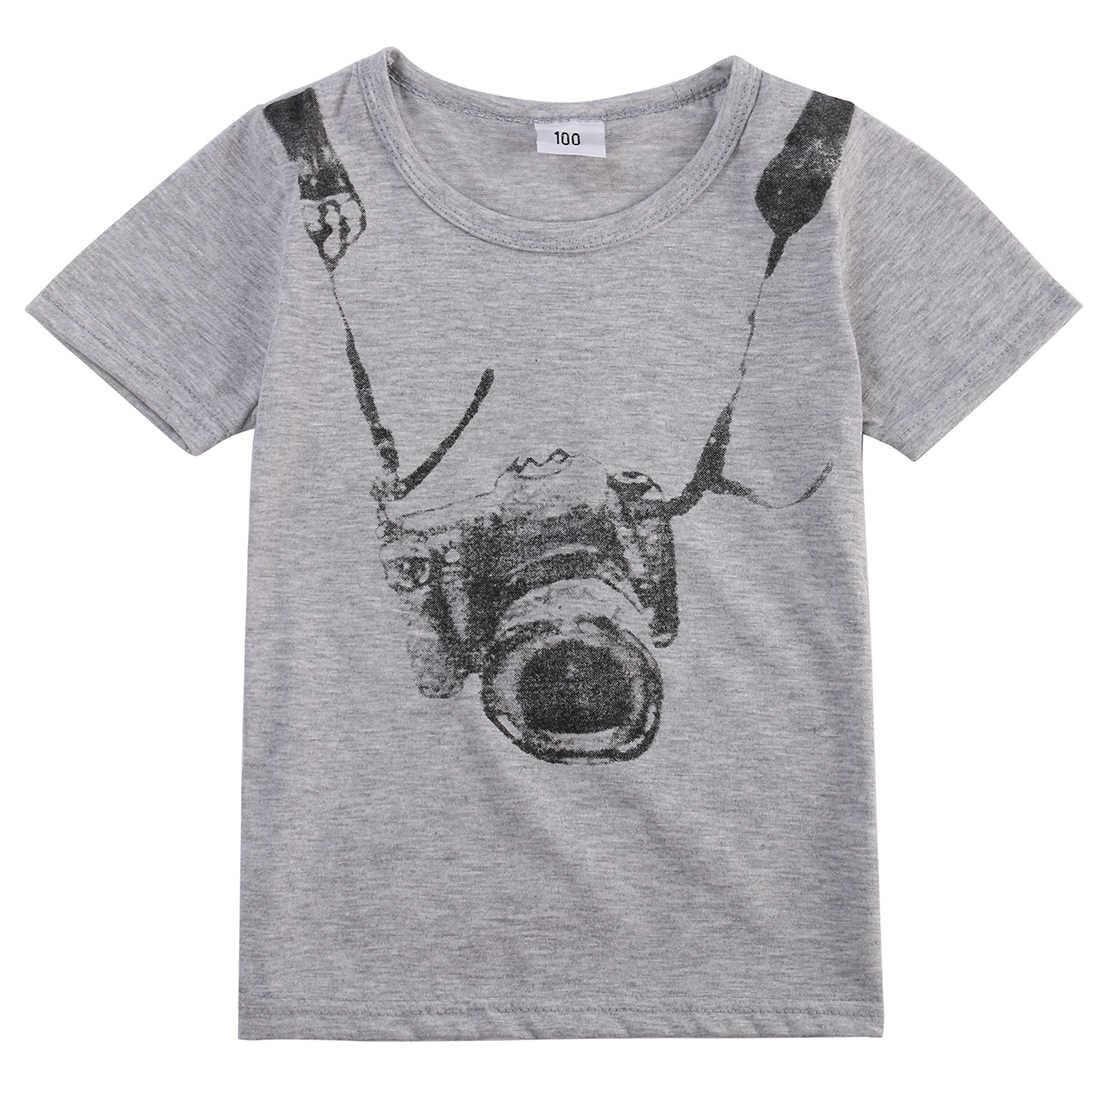 1 đổi 1 chiếc Cho Bé Bé Trai Trẻ Em Áo Thun Camera In Áo Bộ Cổ Tròn Sportwear Trang Phục Dễ Thương Thời Trang Casual Bộ Quần Áo Mùa Hè